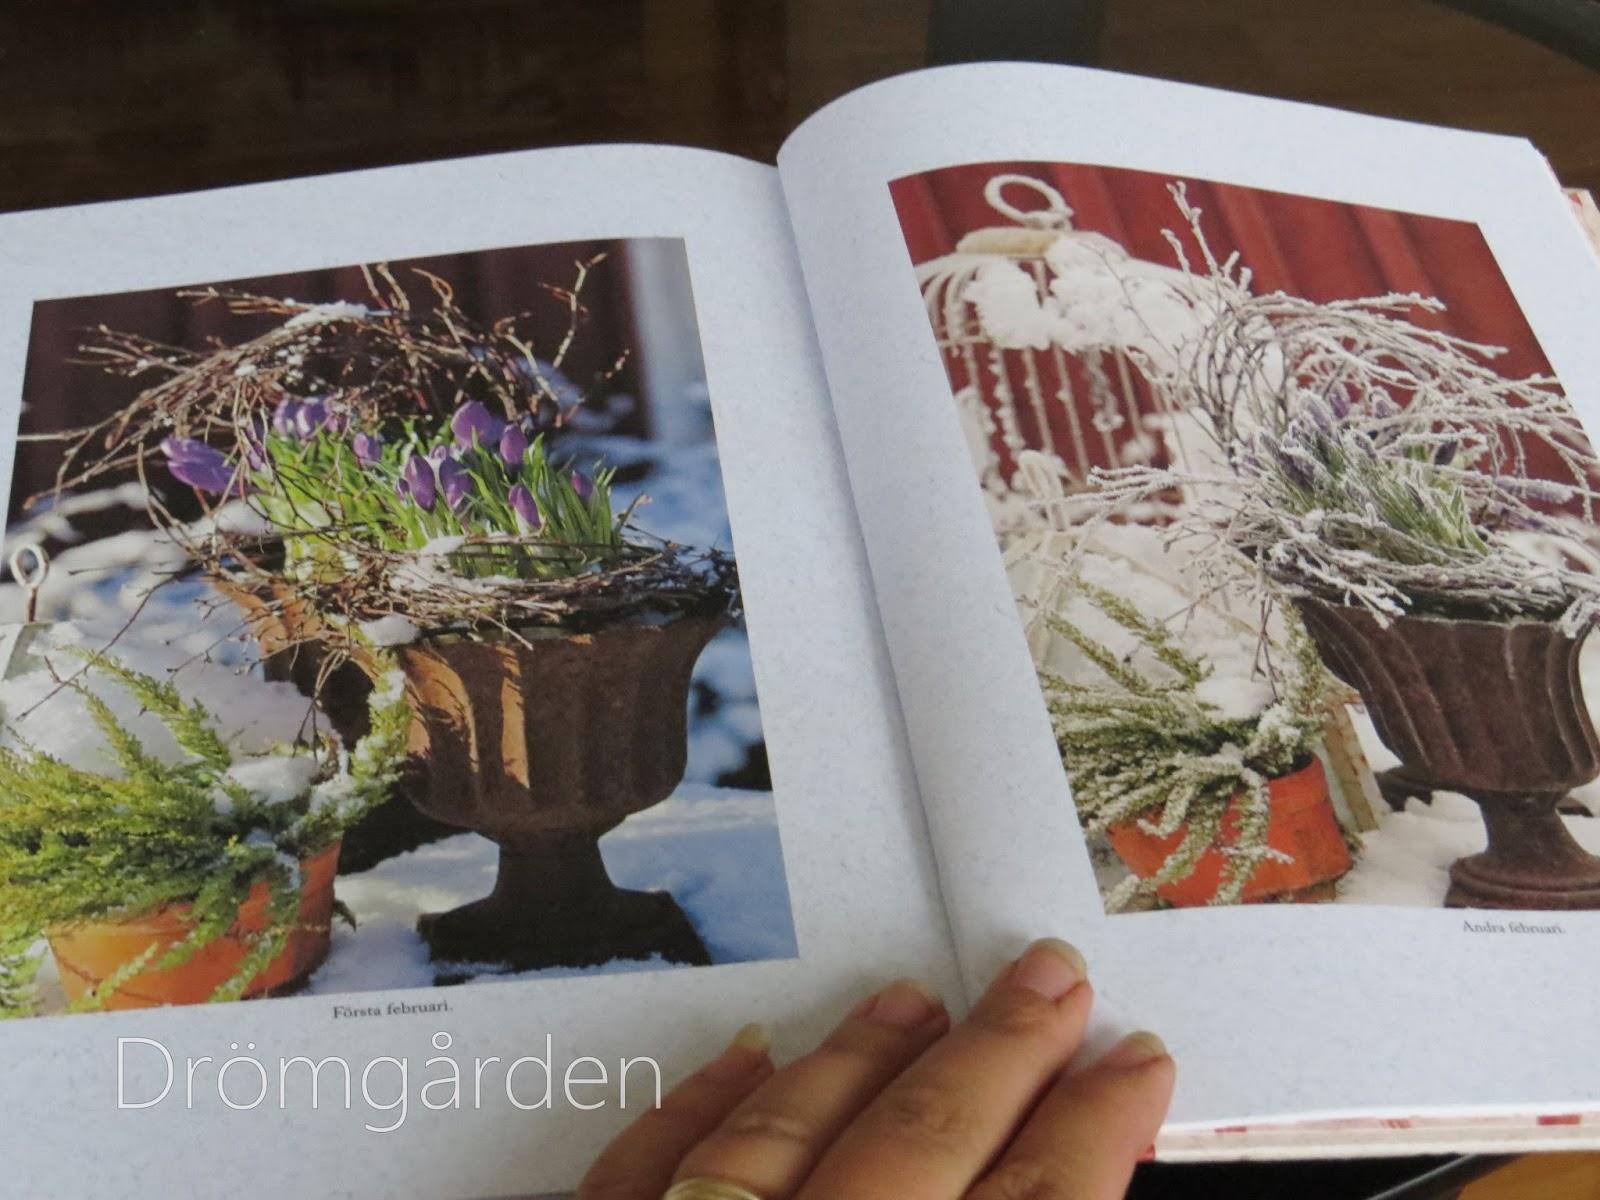 Drömgården: Längtan till våren och lökväxter